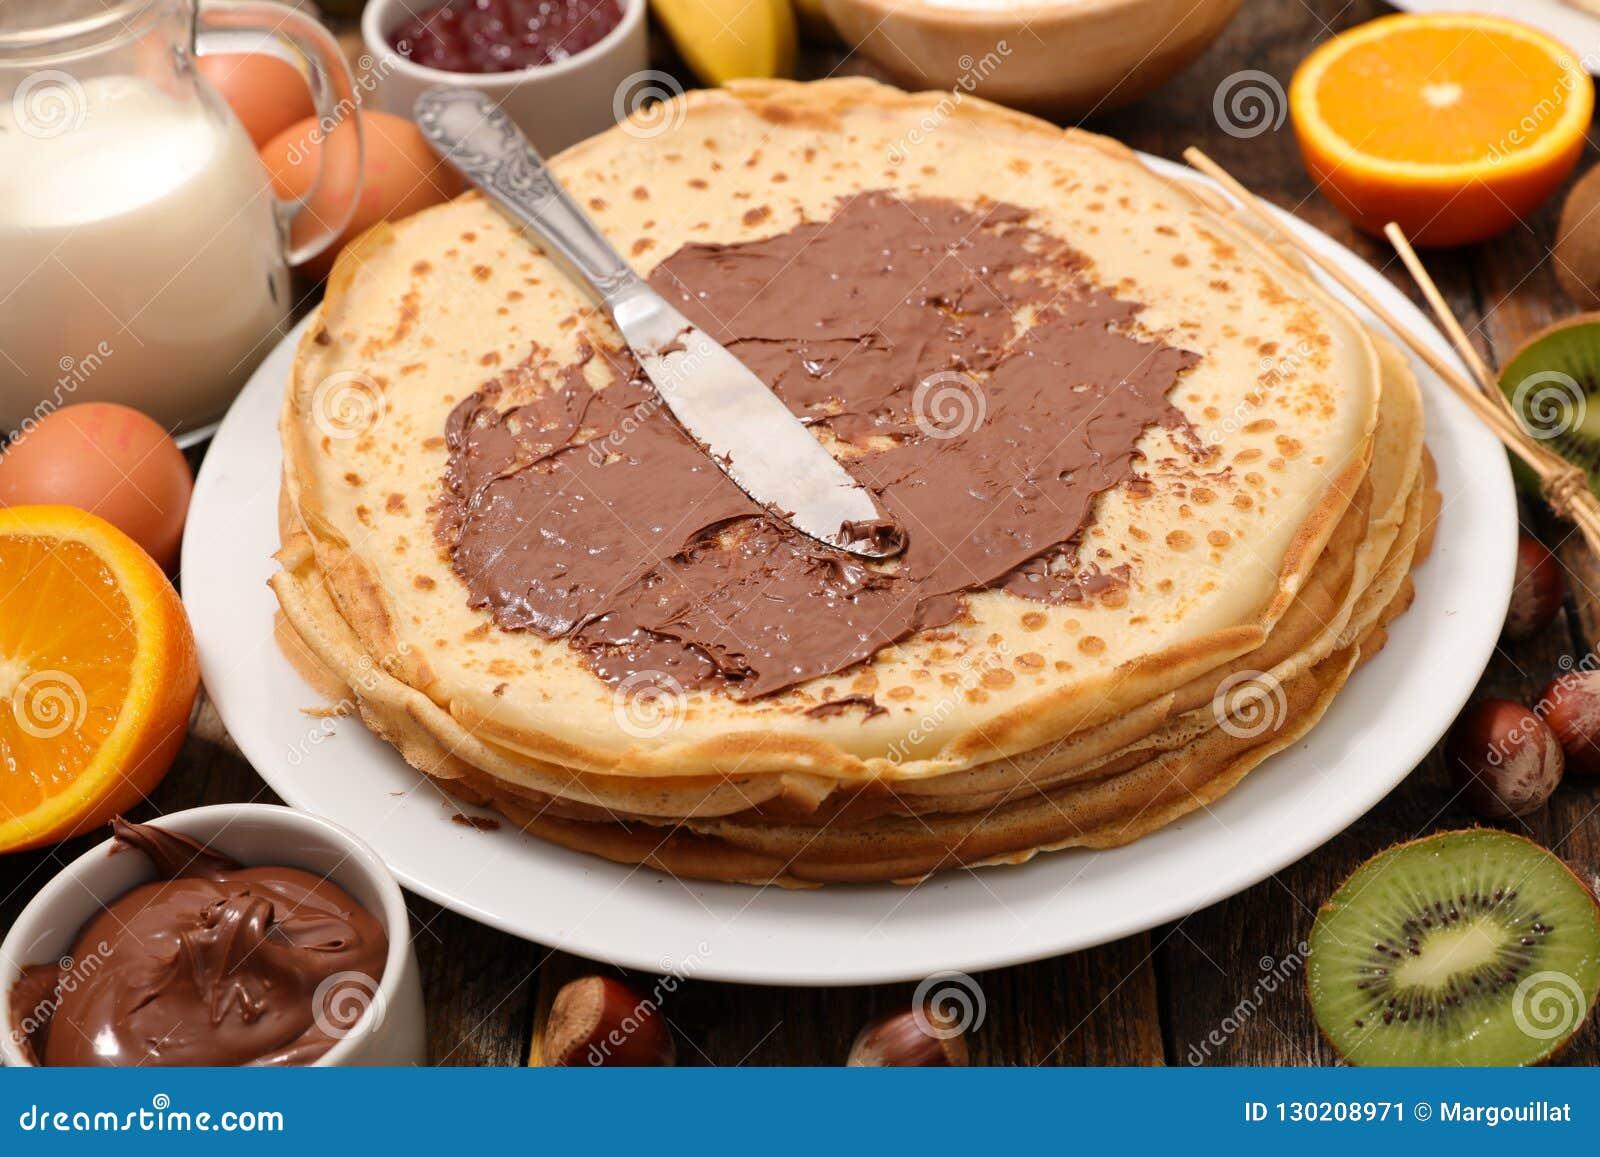 Krepp mit Schokolade